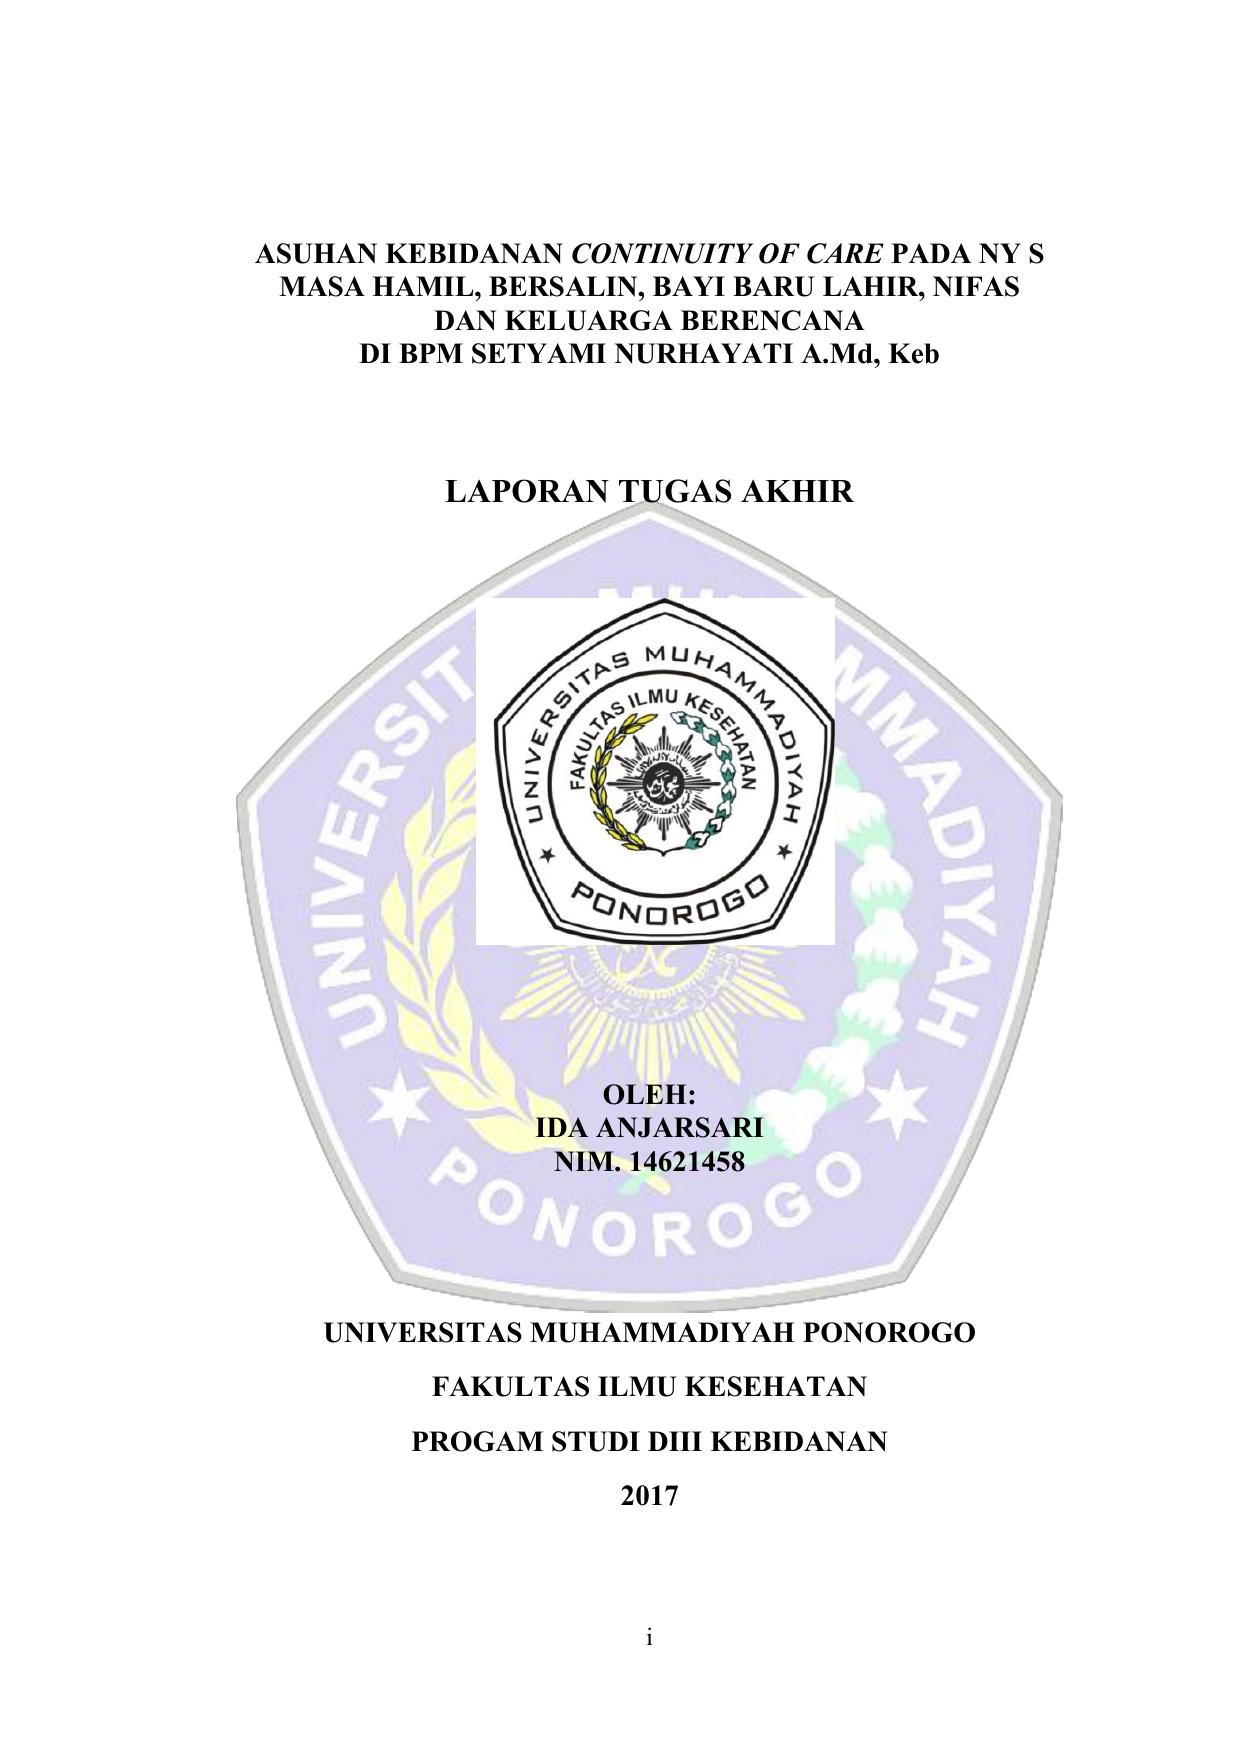 Laporan Tugas Akhir Universitas Muhammadiyah Ponorogo